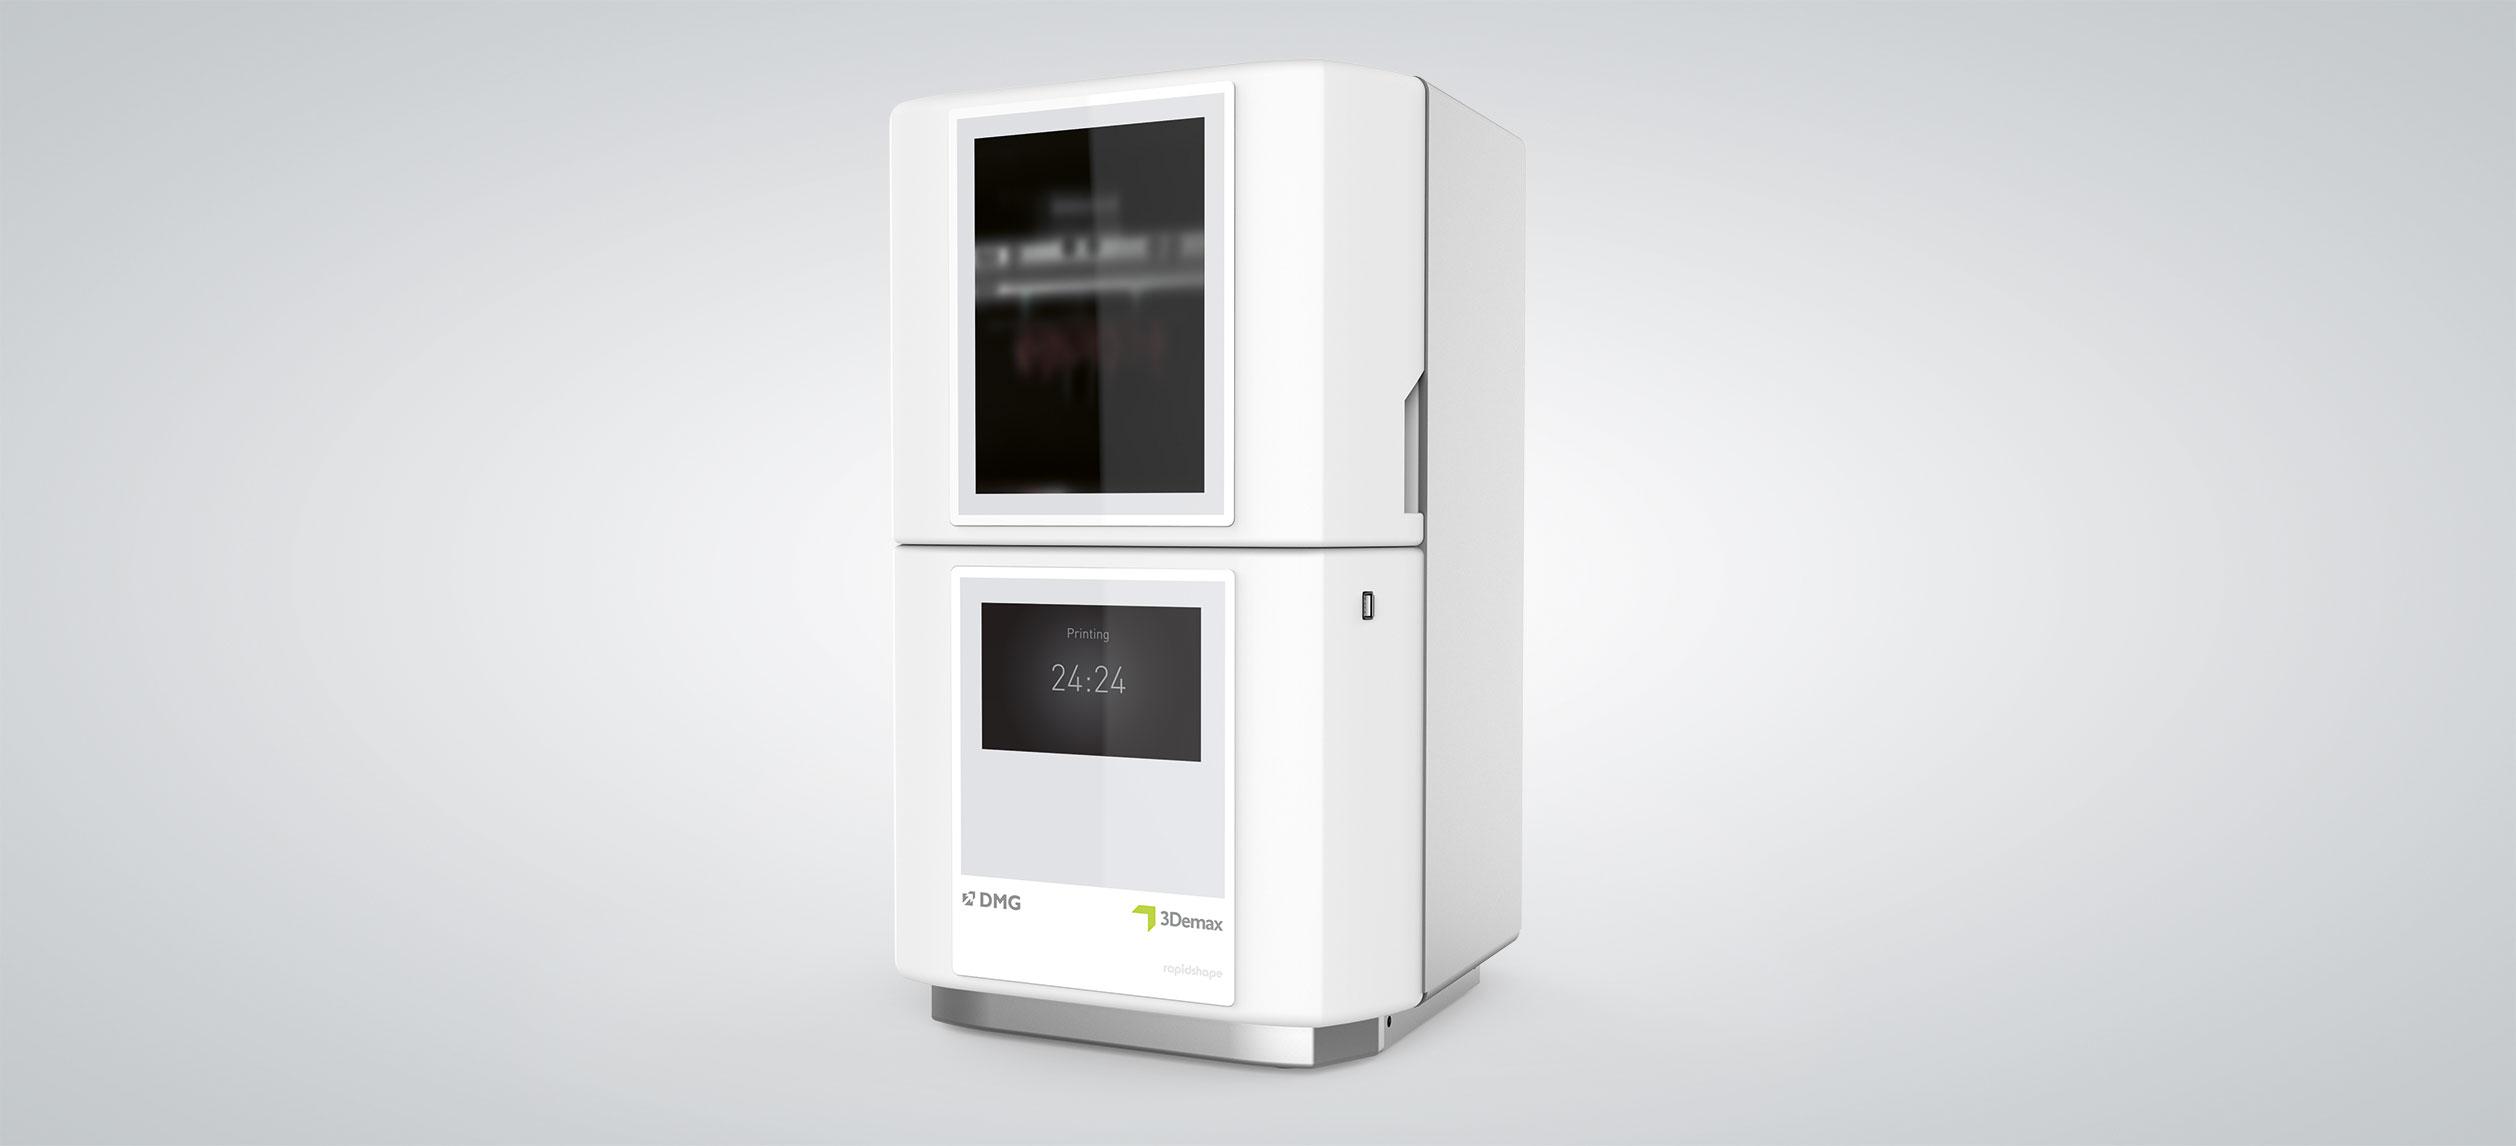 3Demax DMG - 3D printers